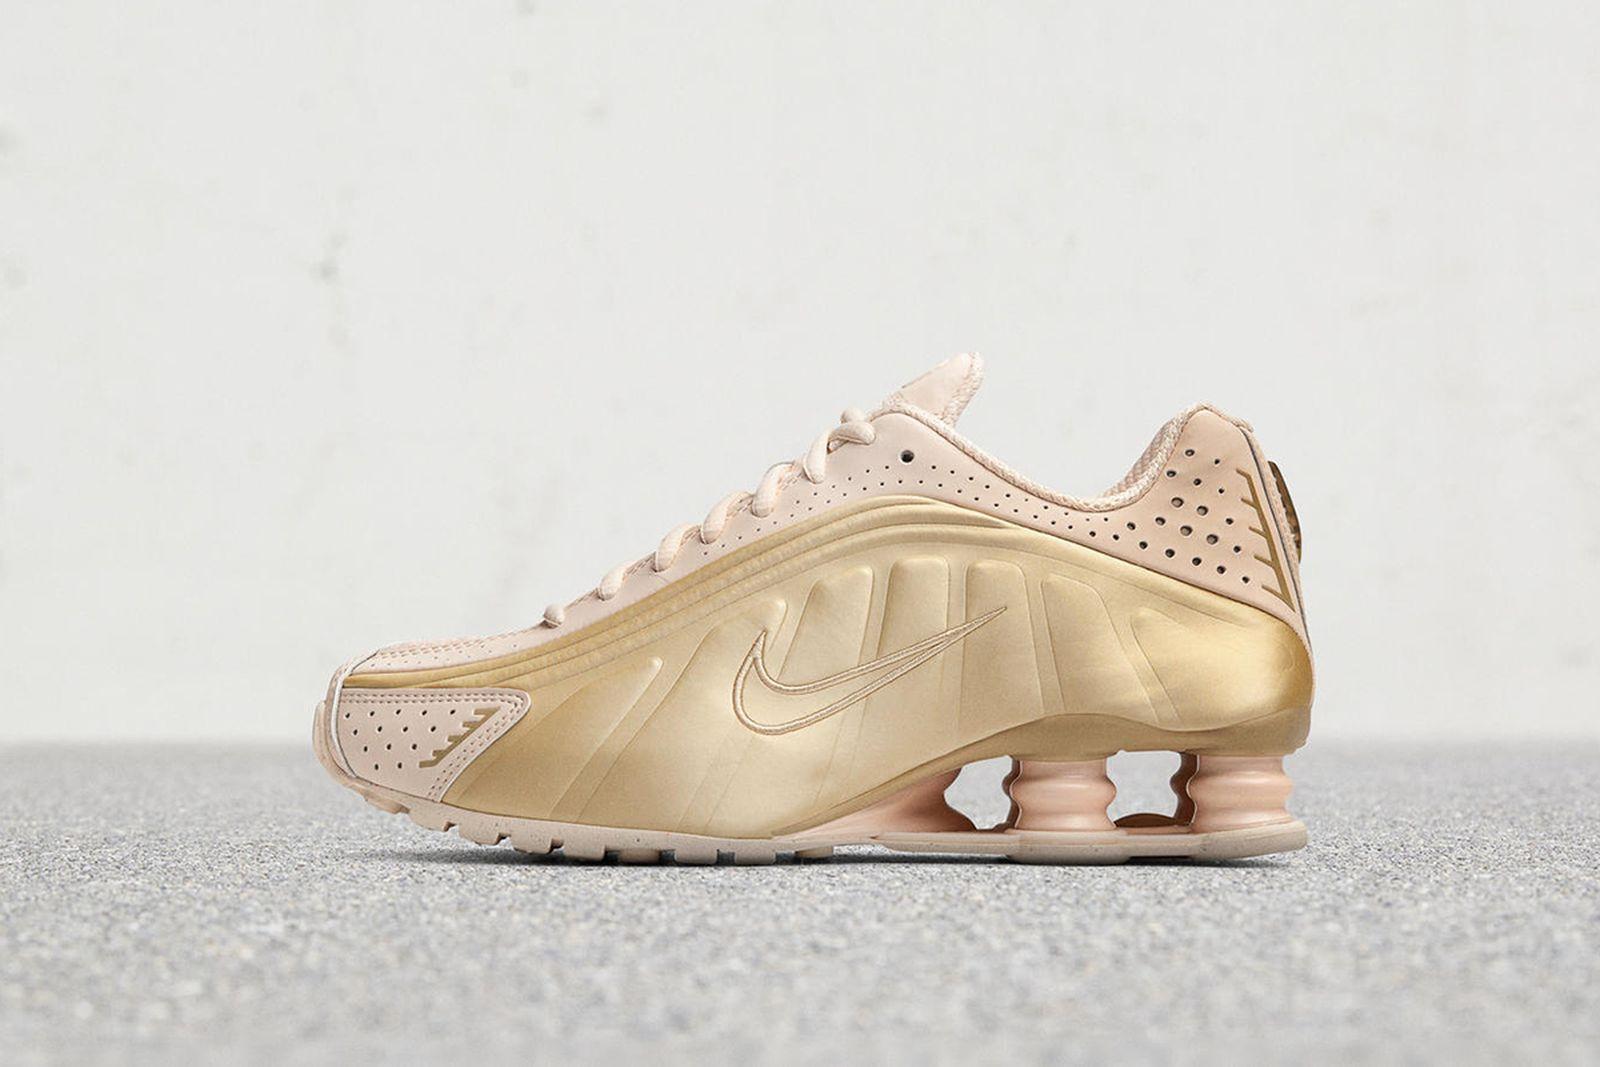 nike summer 2019 womens sneakers